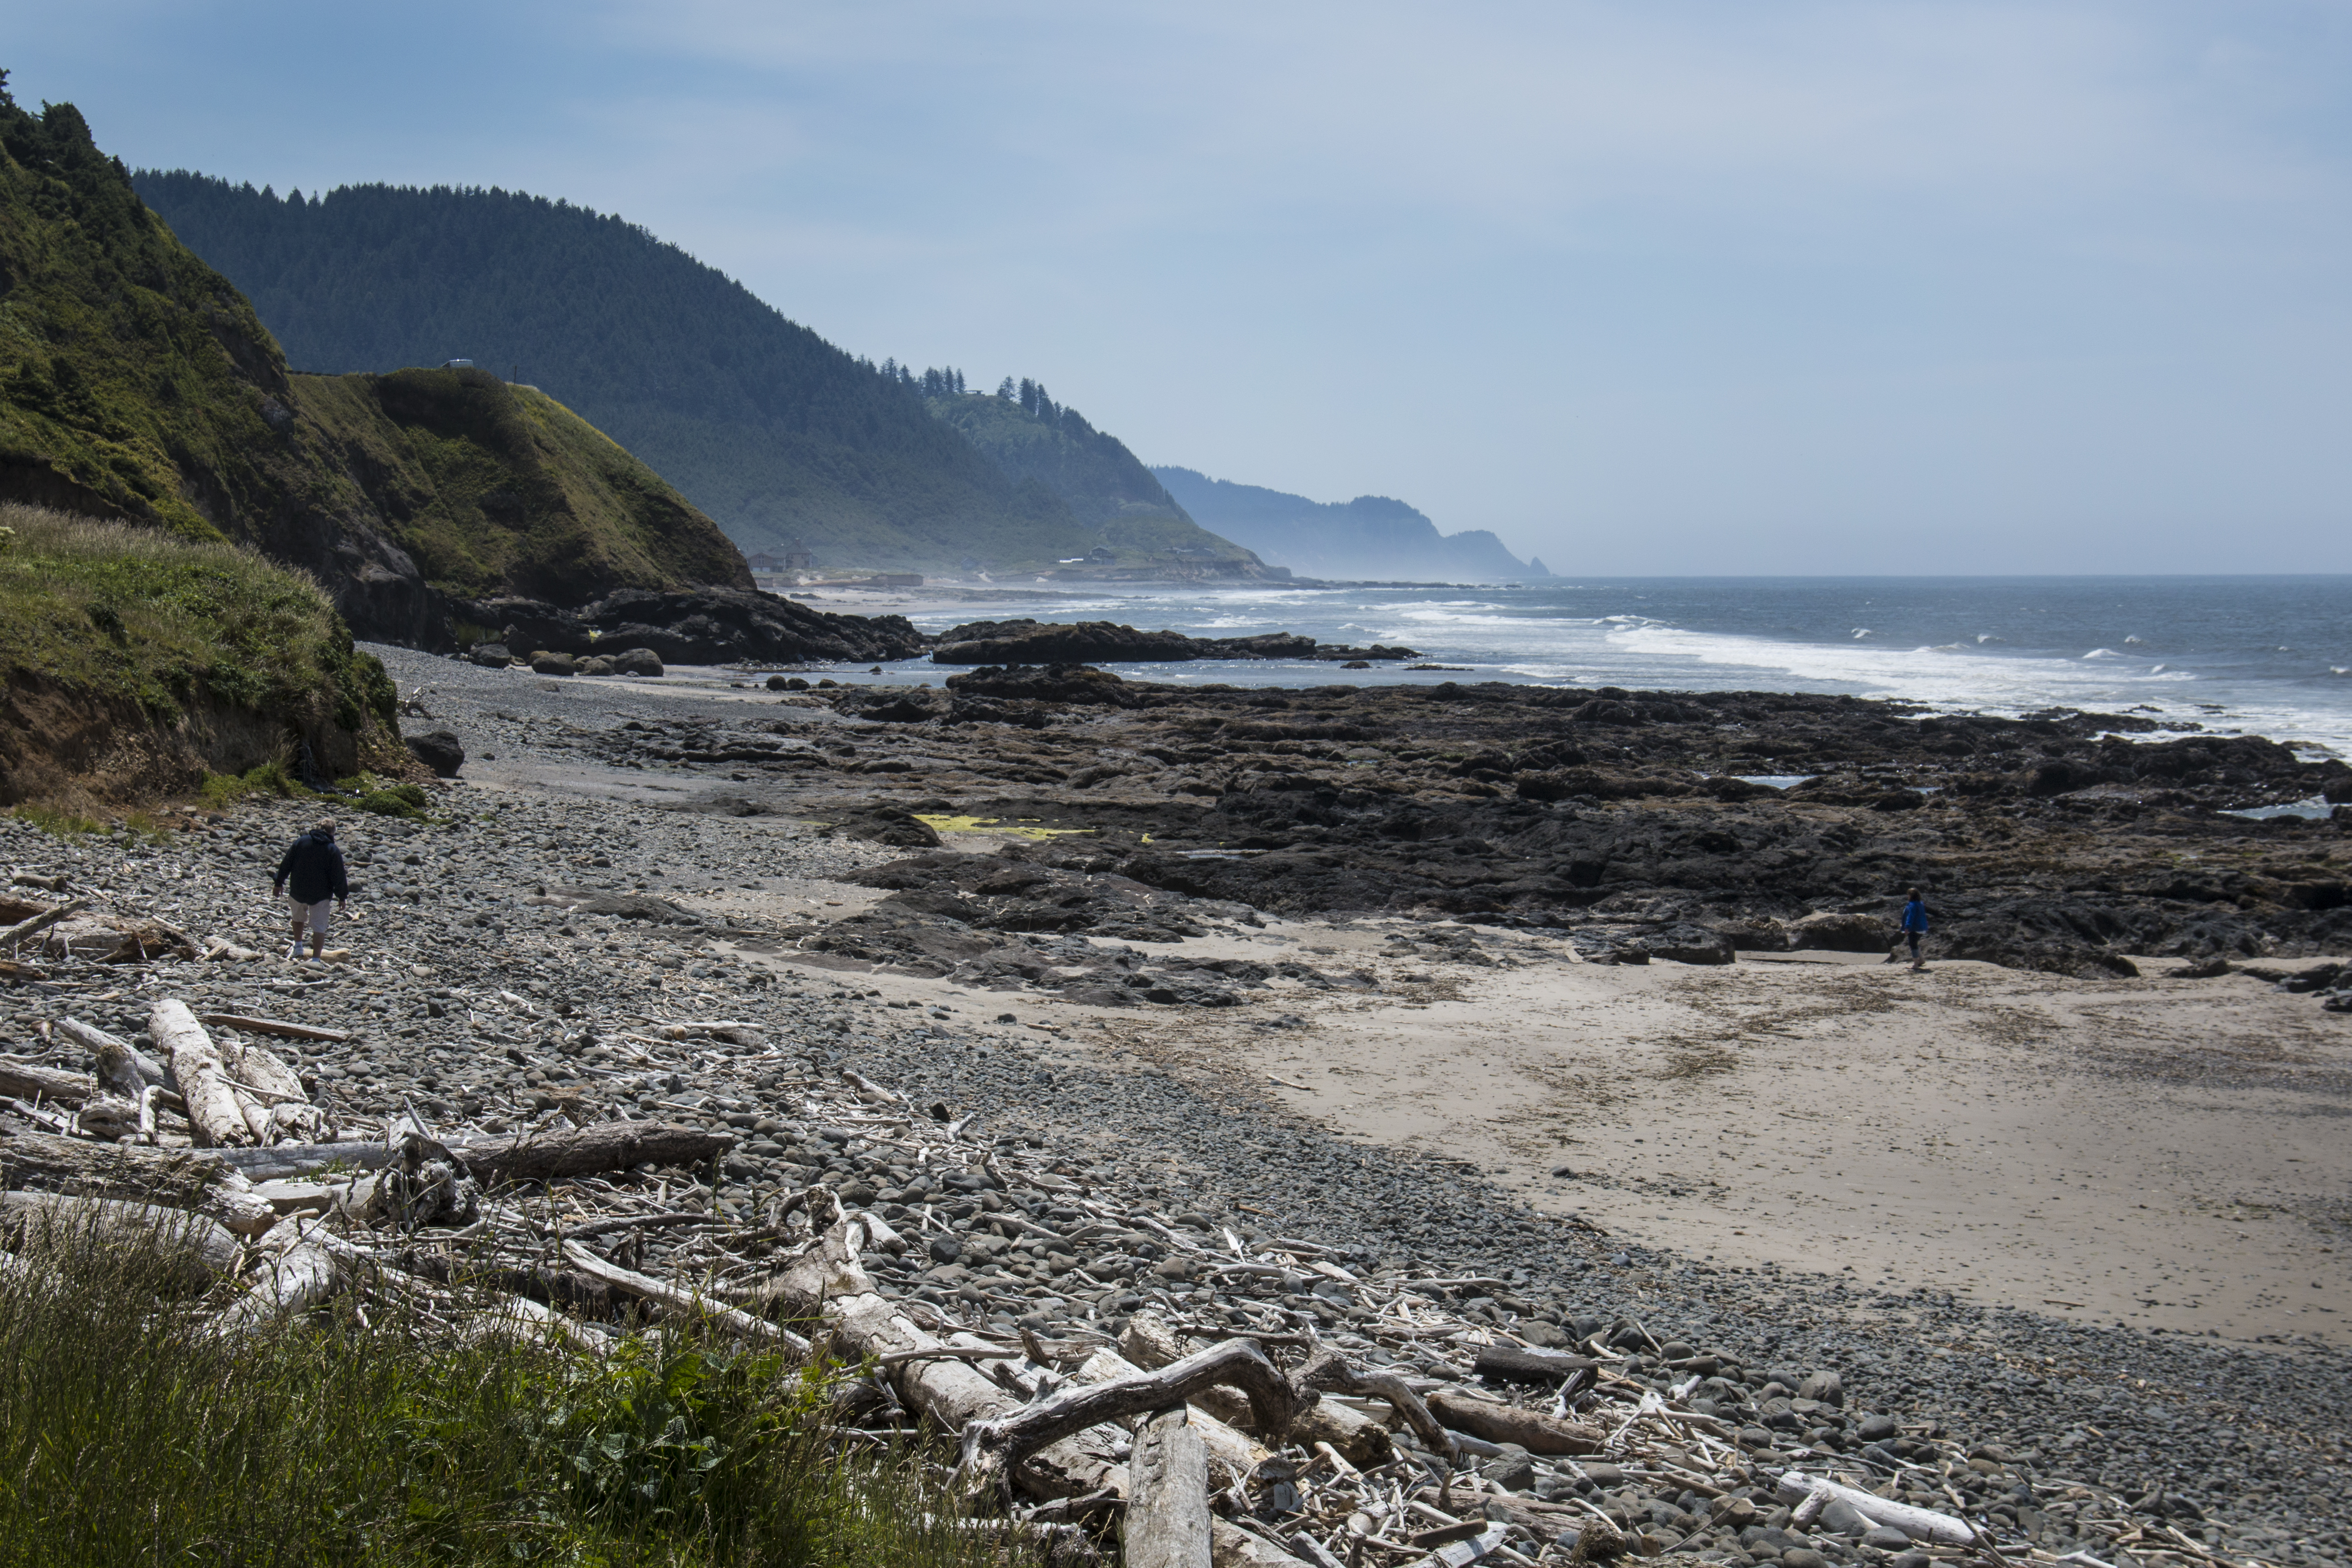 Bob's Beach, Oregon, Bay, Beach, Coast, Grass, HQ Photo